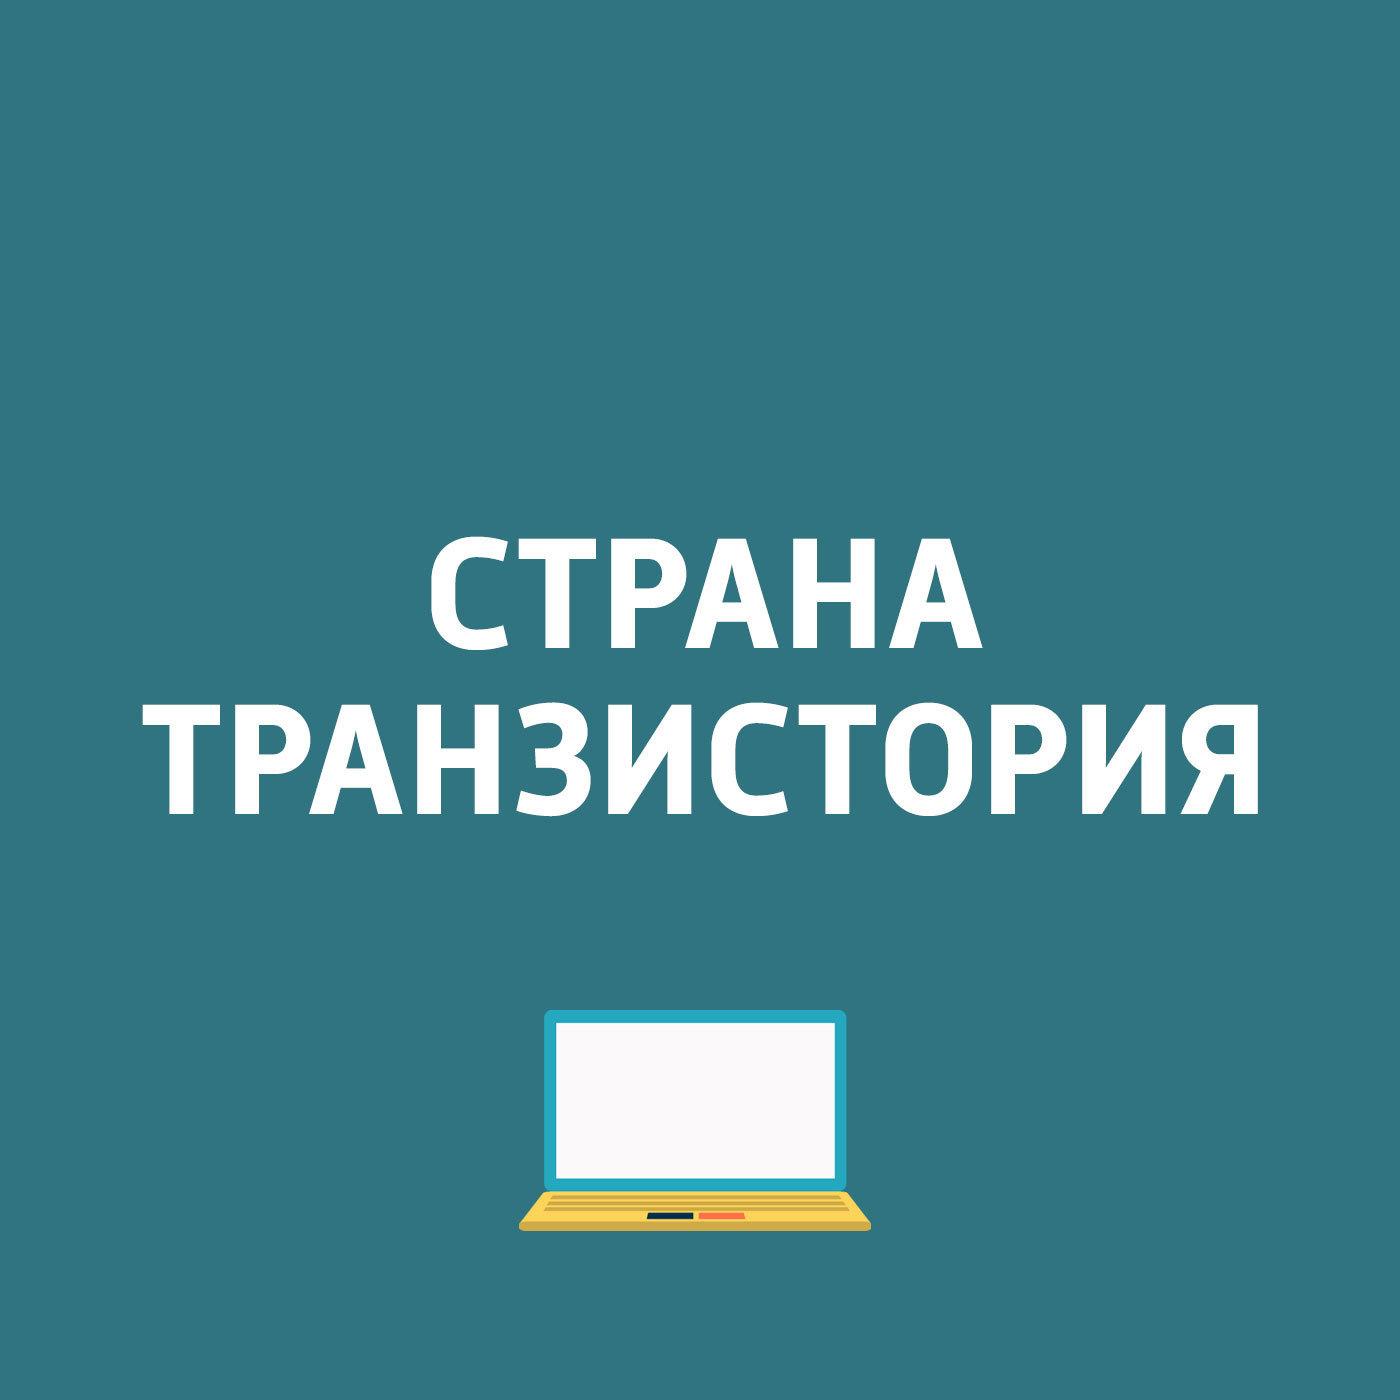 Фото - Картаев Павел Роскачество протестировало приложения под Android и iOS для поиска работы картаев павел выставка ifa 2018 каких новинок ждать